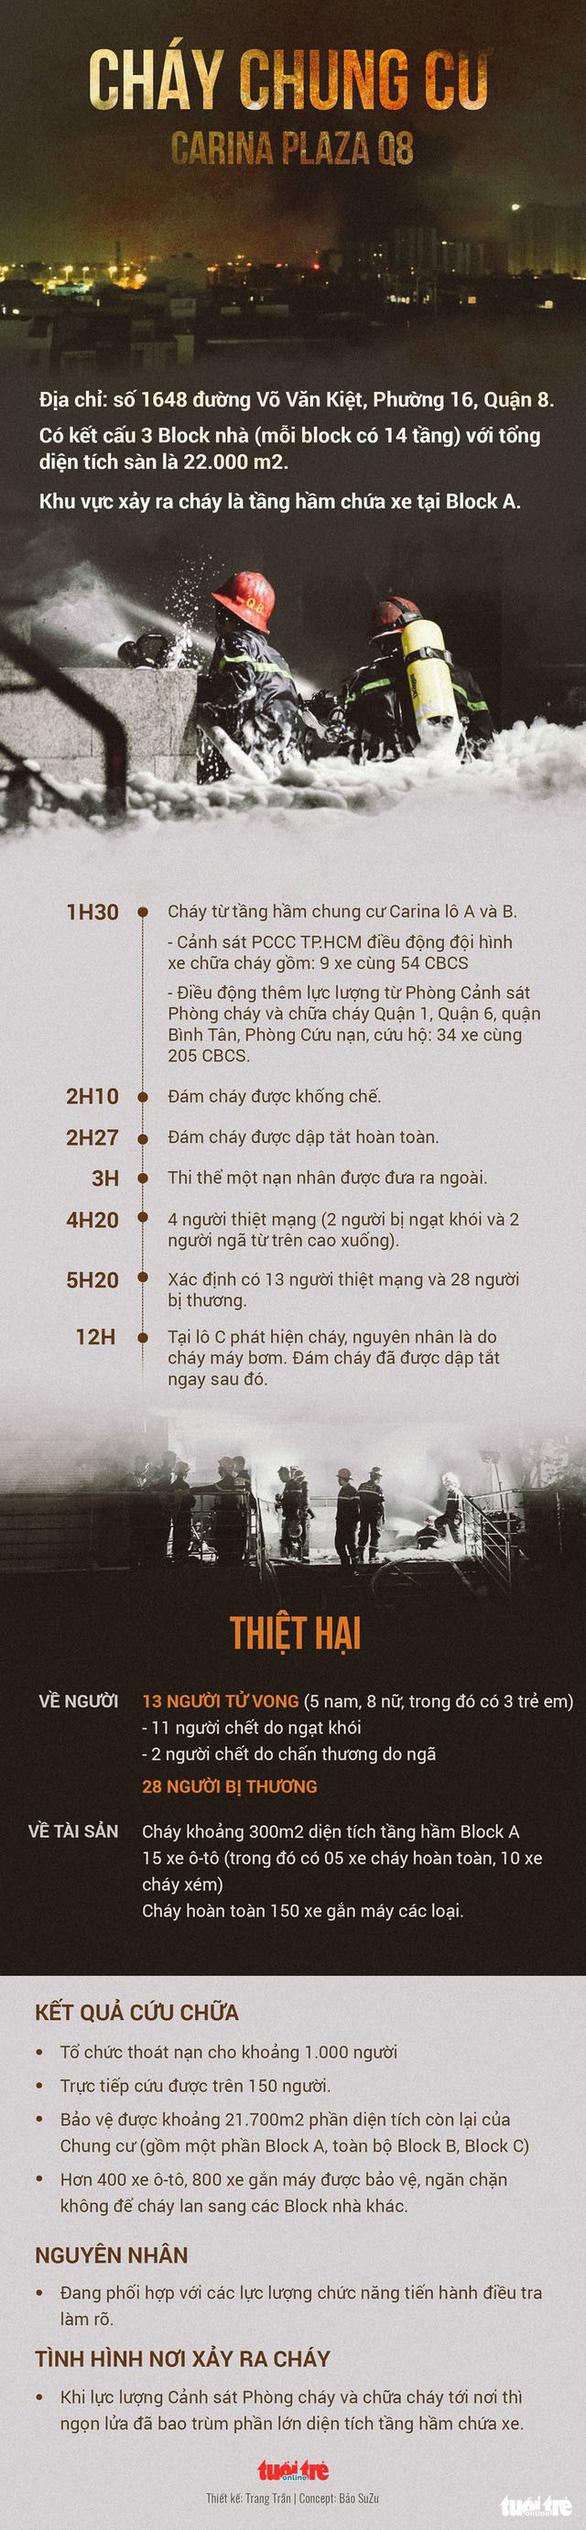 Vụ cháy chung cư Carina: Khởi tố, bắt tạm giam nguyên giám đốc công ty Hùng Thanh - Ảnh 3.